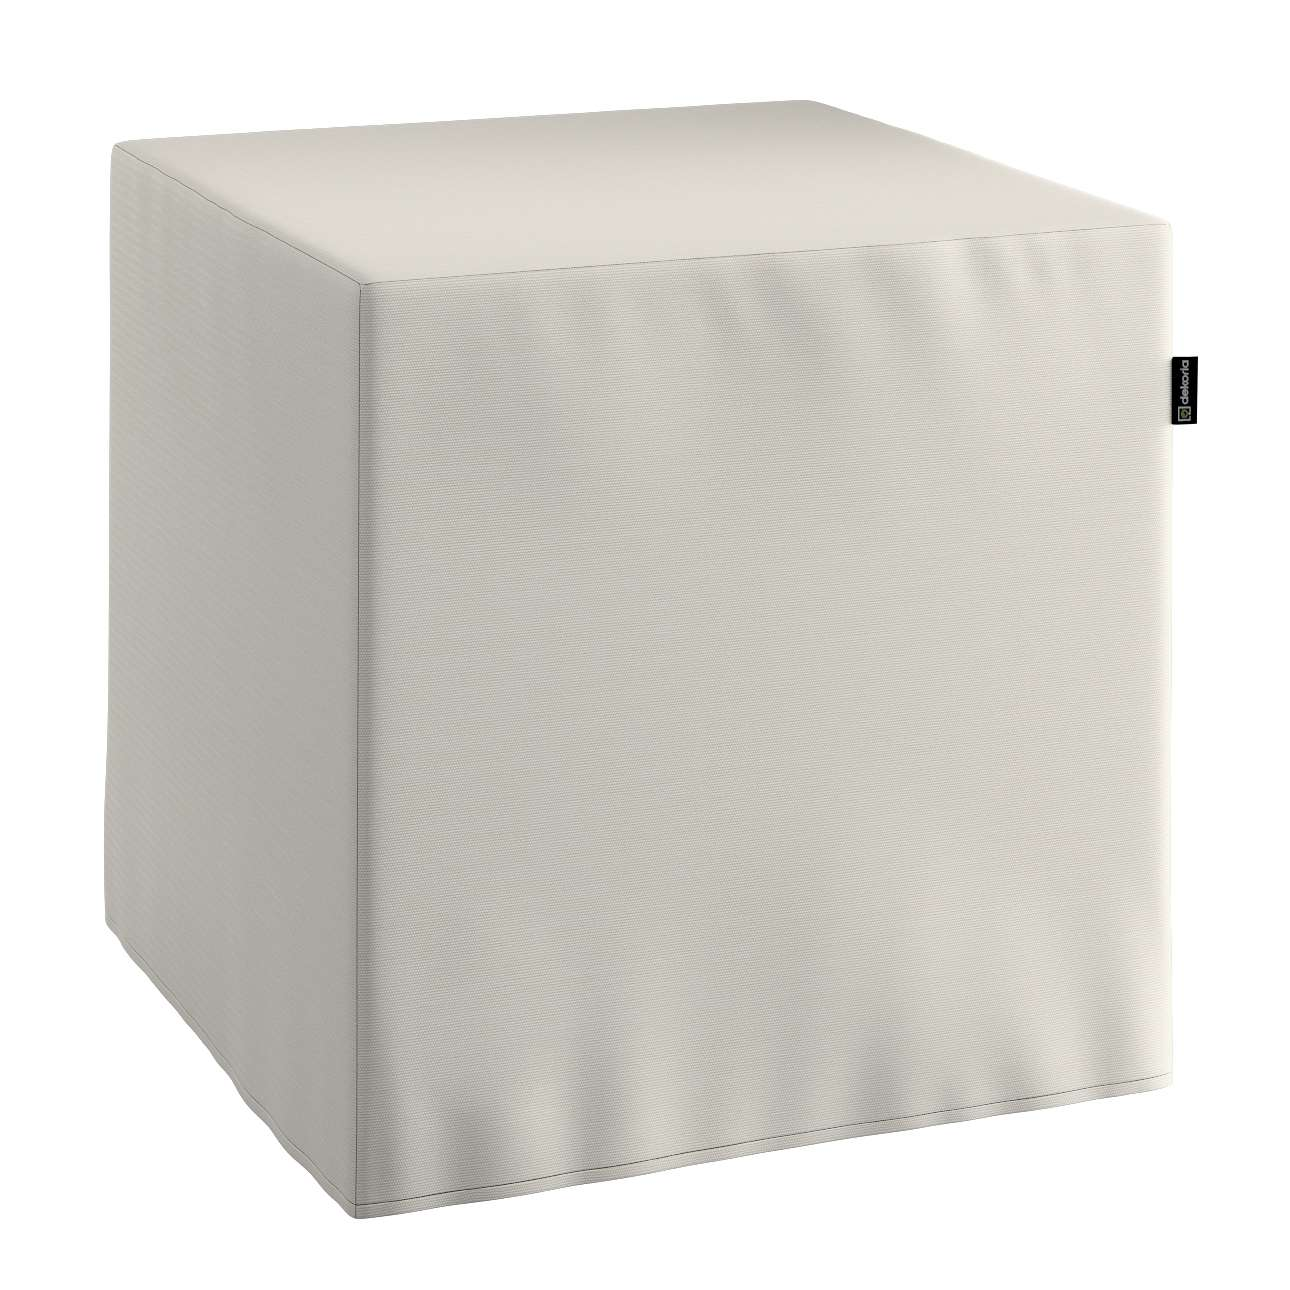 Pufas 40 x 40 x 40 cm kolekcijoje Cotton Panama, audinys: 702-31